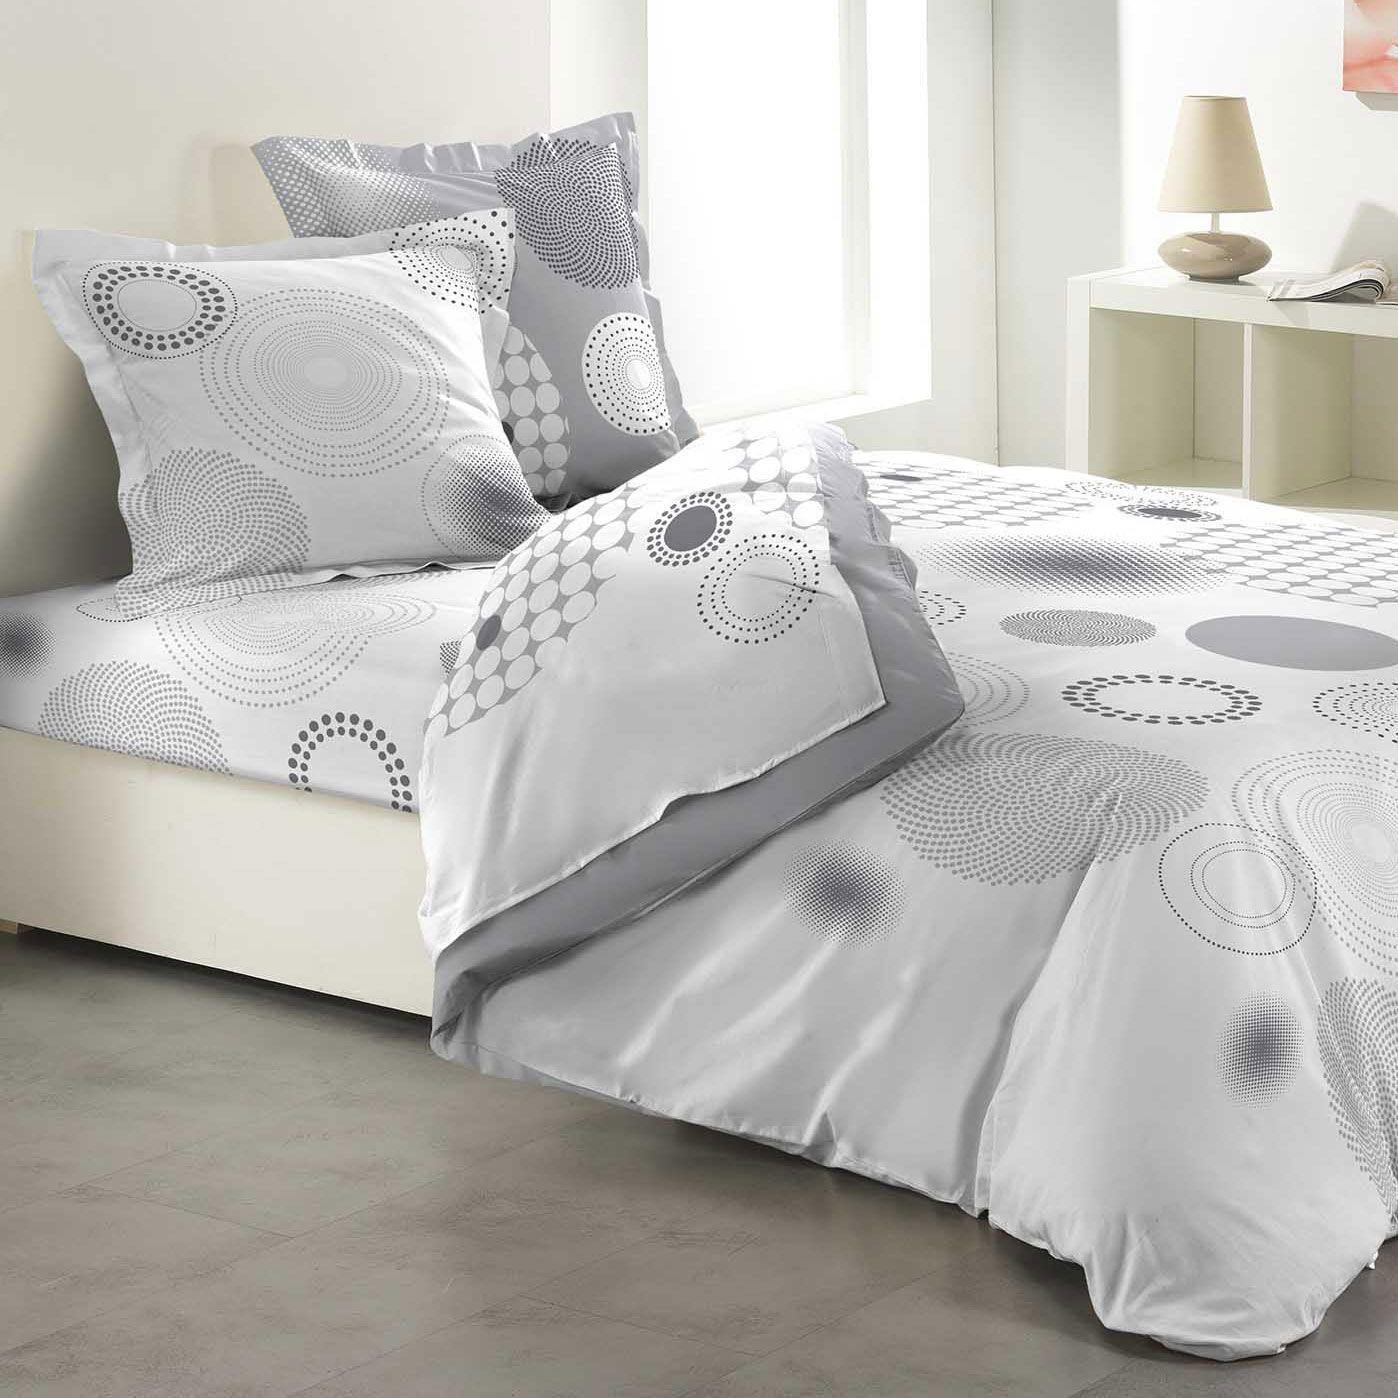 parure de draps 4 pi ces bulleo gris clair parure de draps eminza. Black Bedroom Furniture Sets. Home Design Ideas